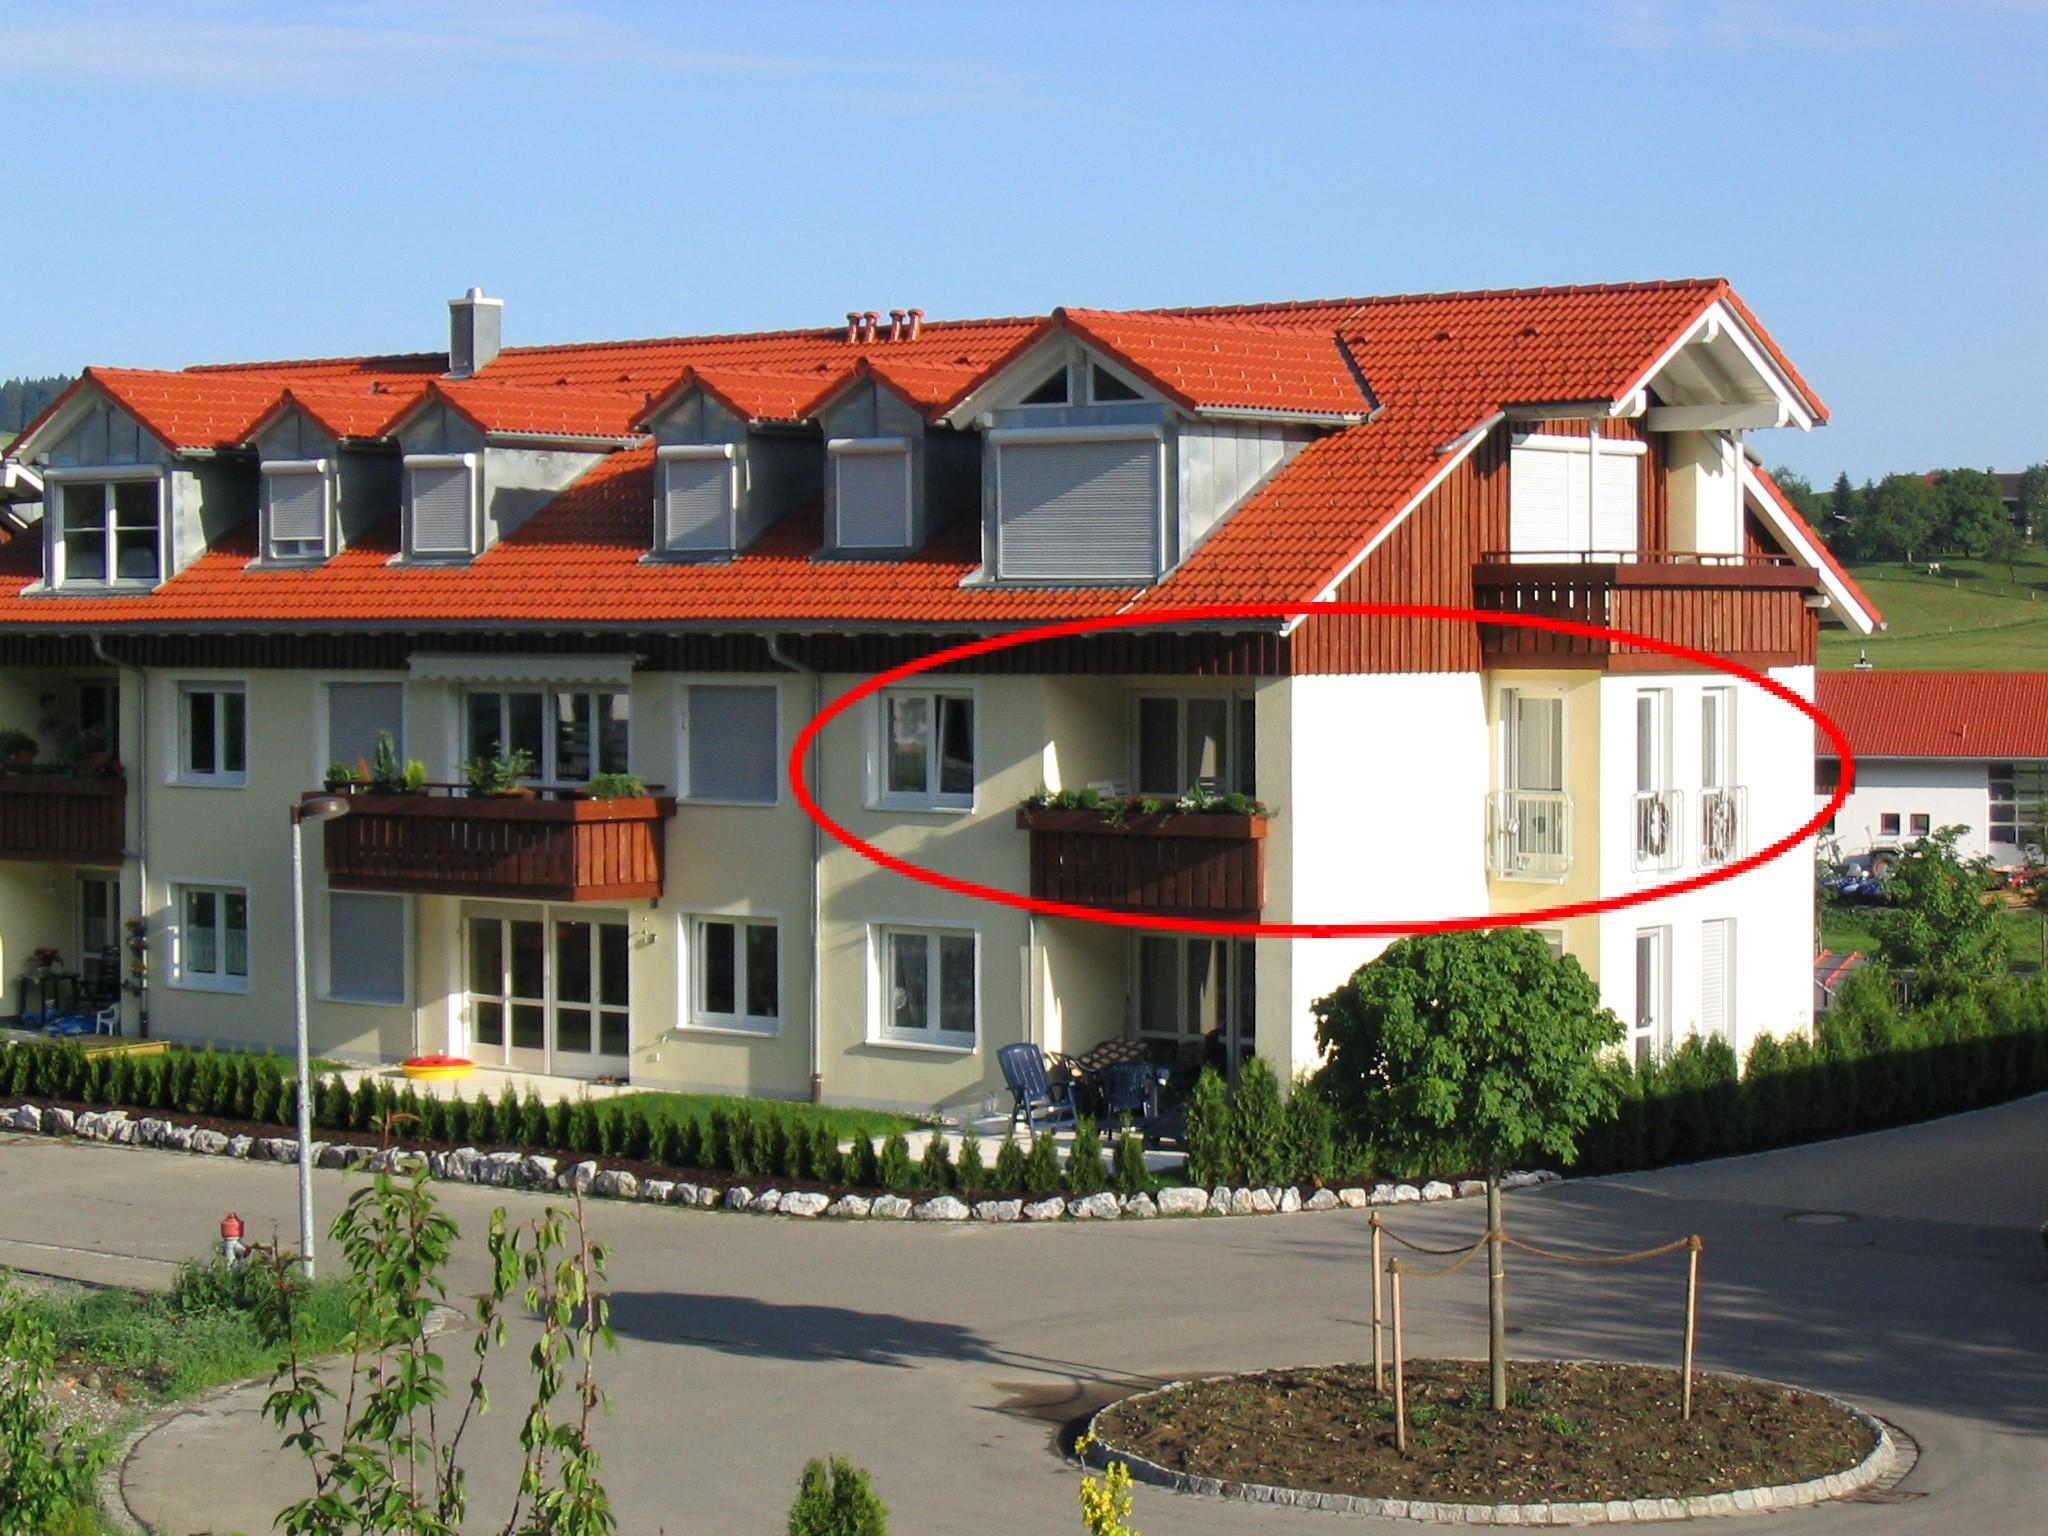 Oberstaufen Ferienwohnungen Herrmann, exklusive 3 Zimmer Fewo